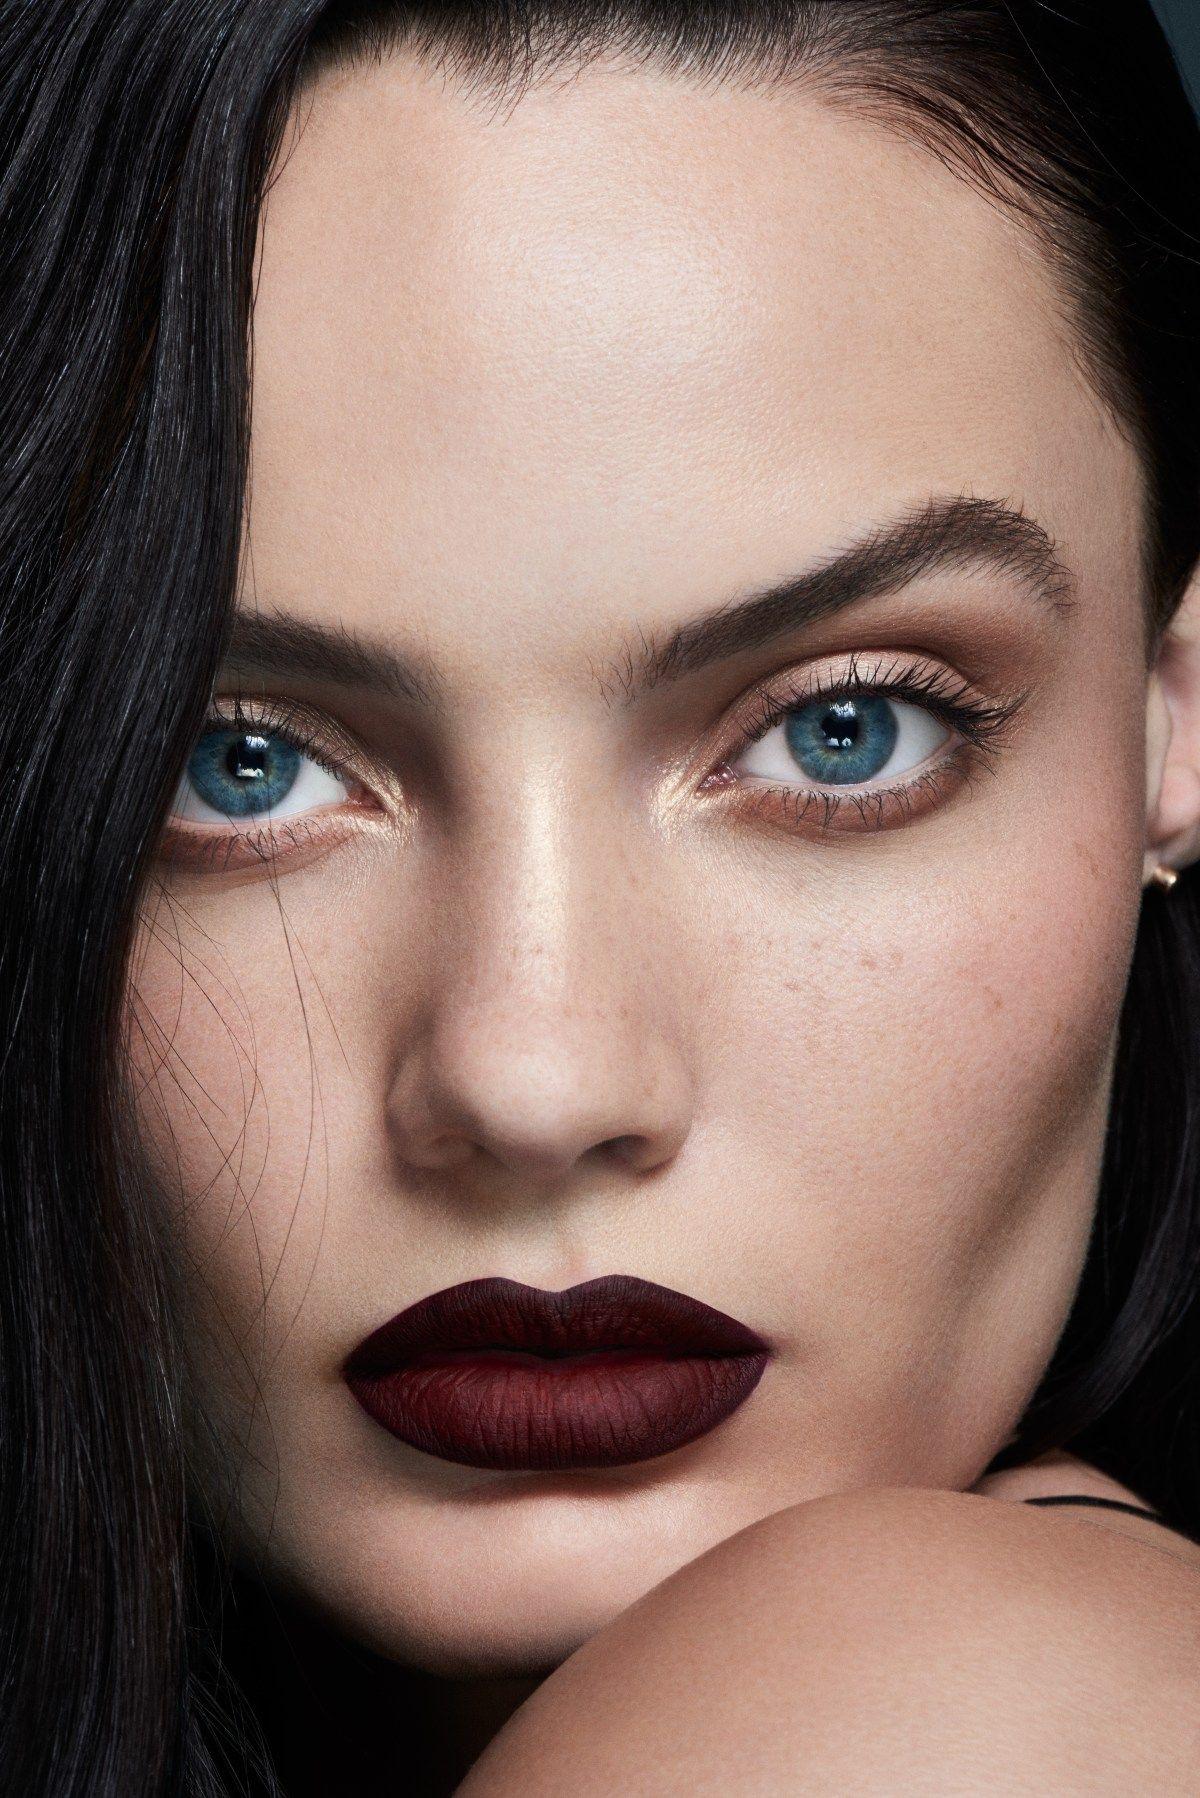 Pin by Lucia Luxx on sat Dark blue eyes, Dark hair pale